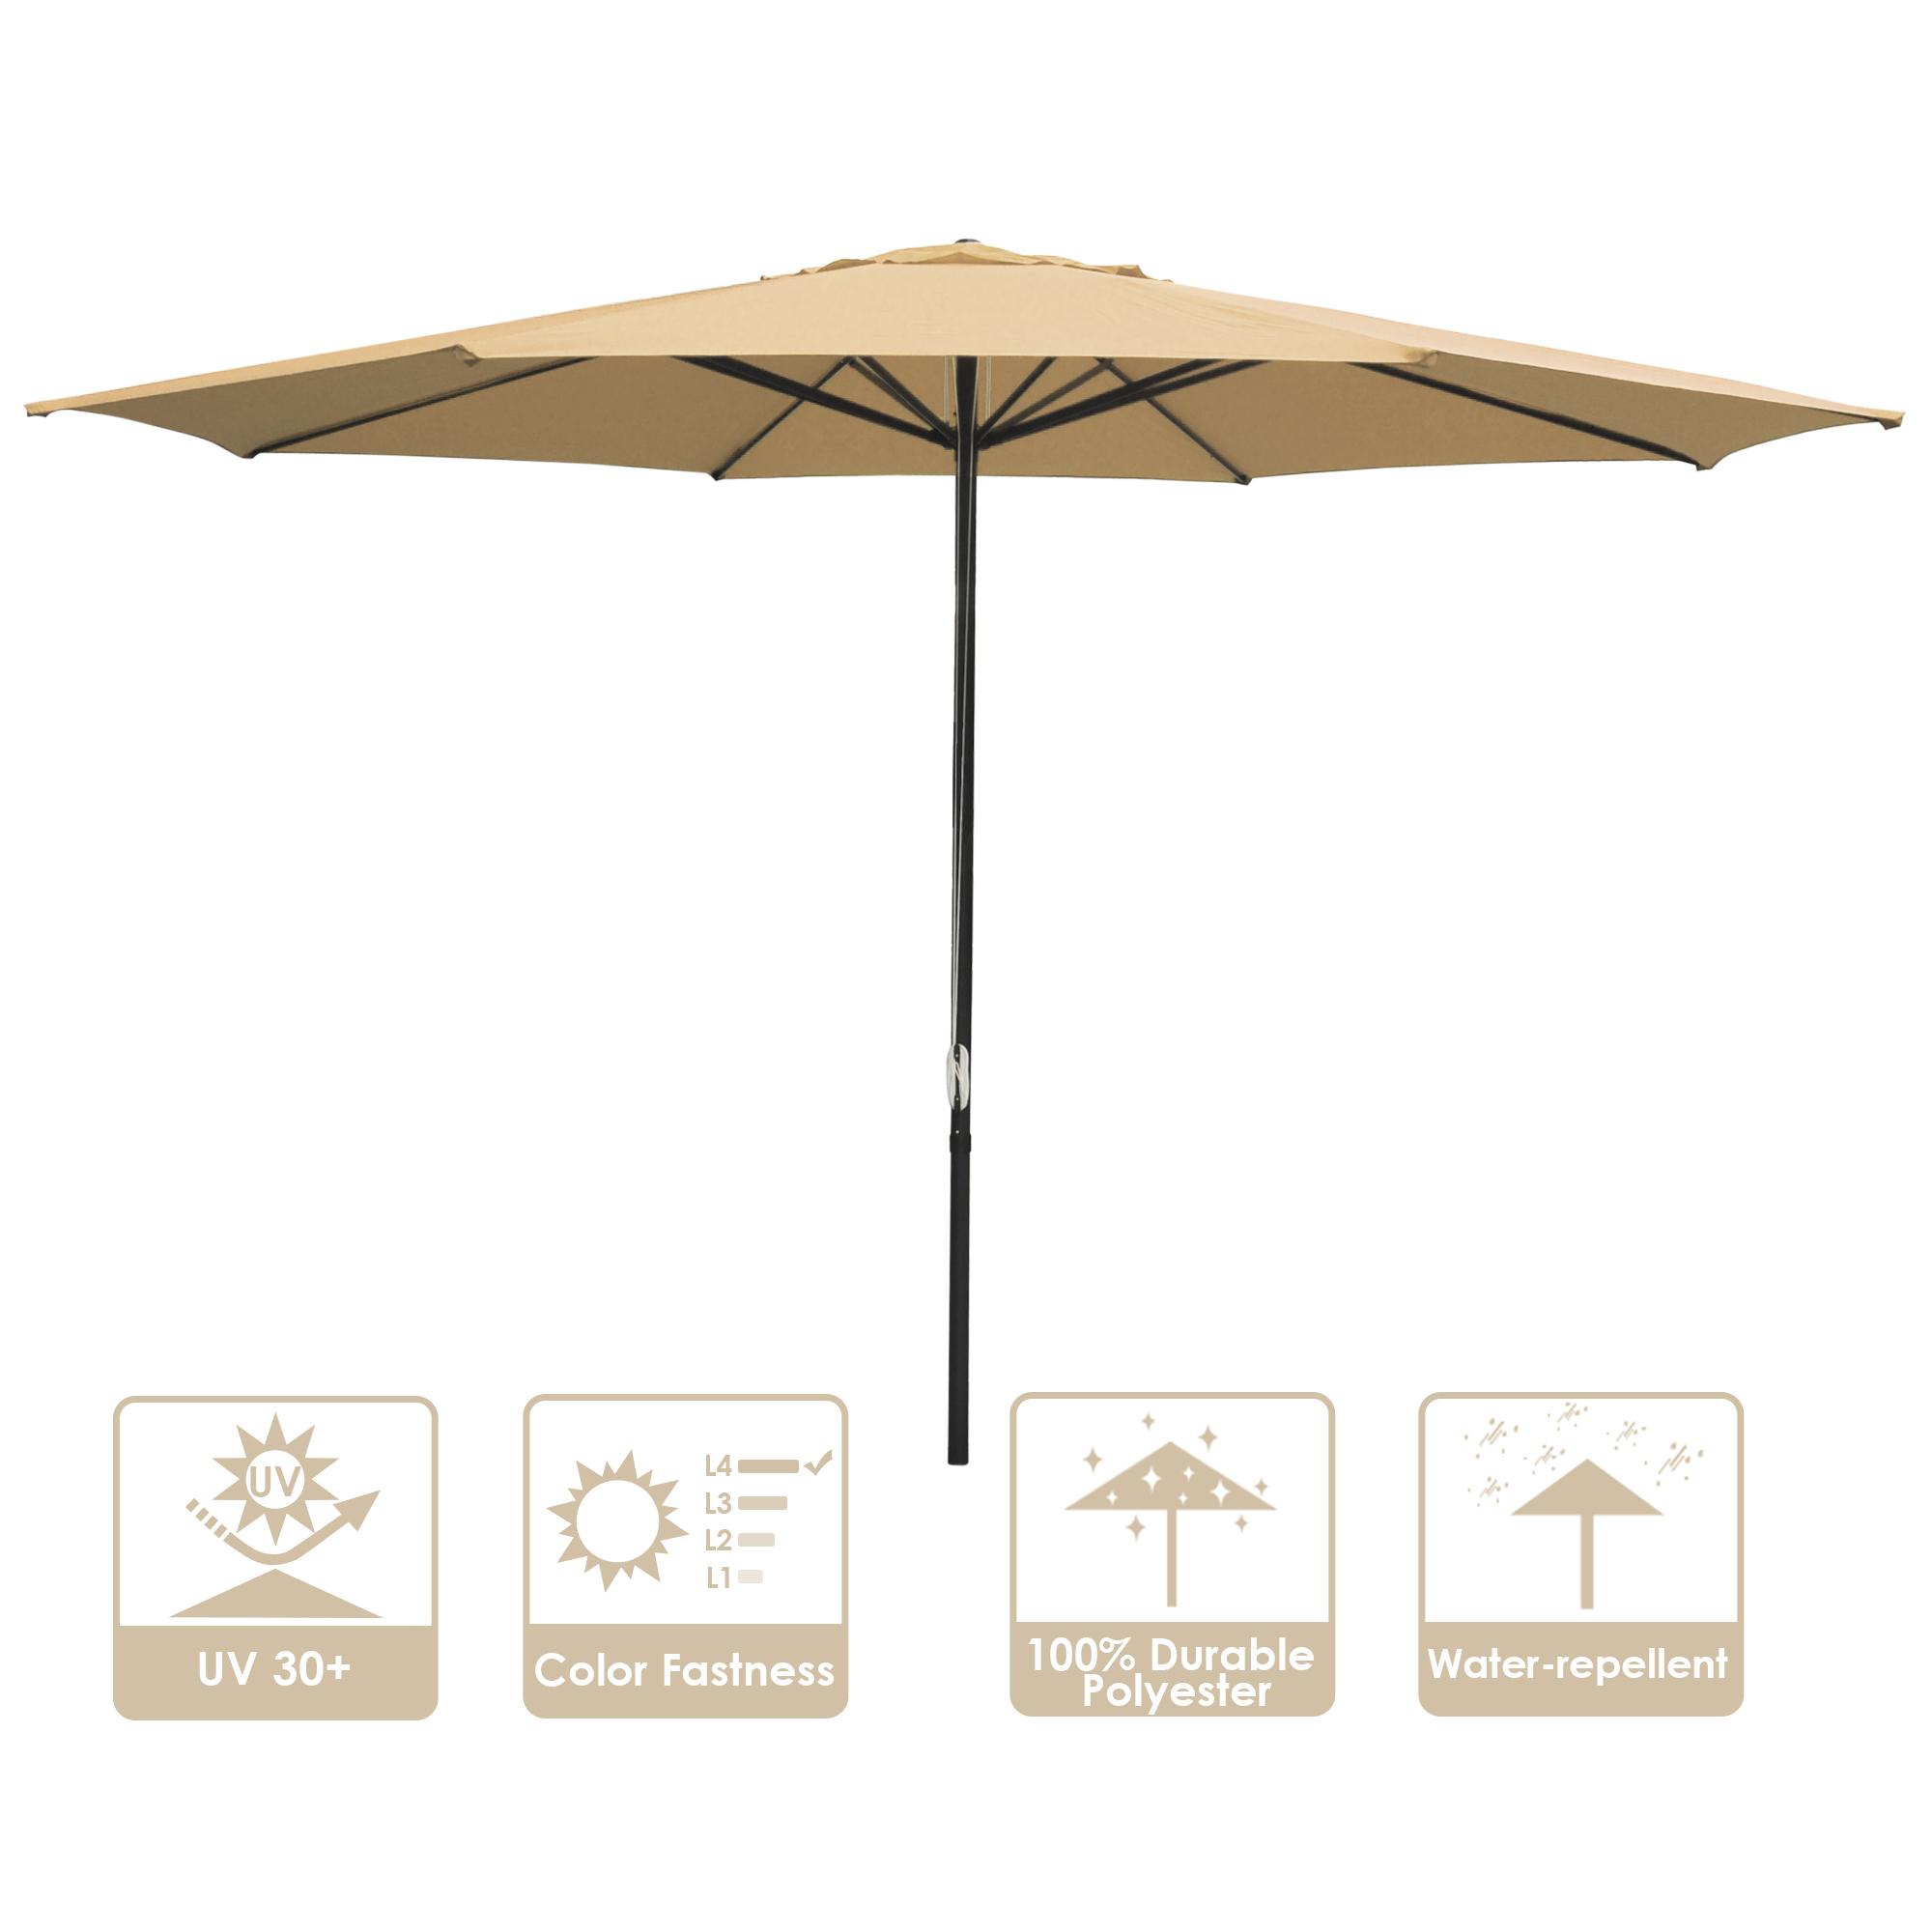 thumbnail 63 - 13' FT Sun Shade Patio Aluminum Umbrella UV30+ Outdoor Market Garden Beach Deck